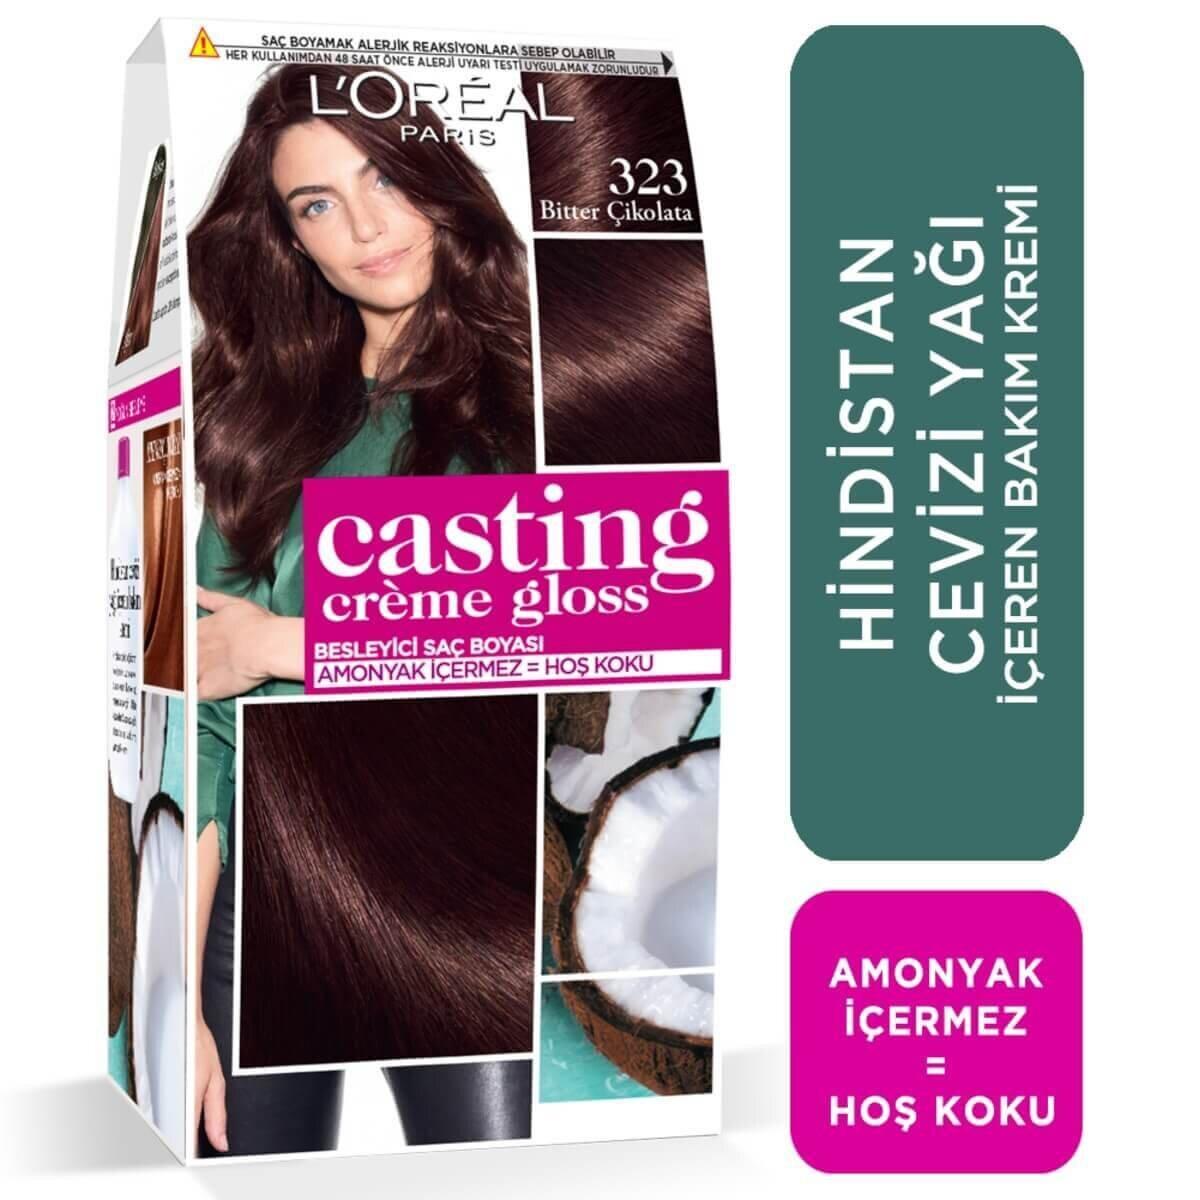 Amonyaksız Besleyici Saç Boyası Bitter Çikolata 323